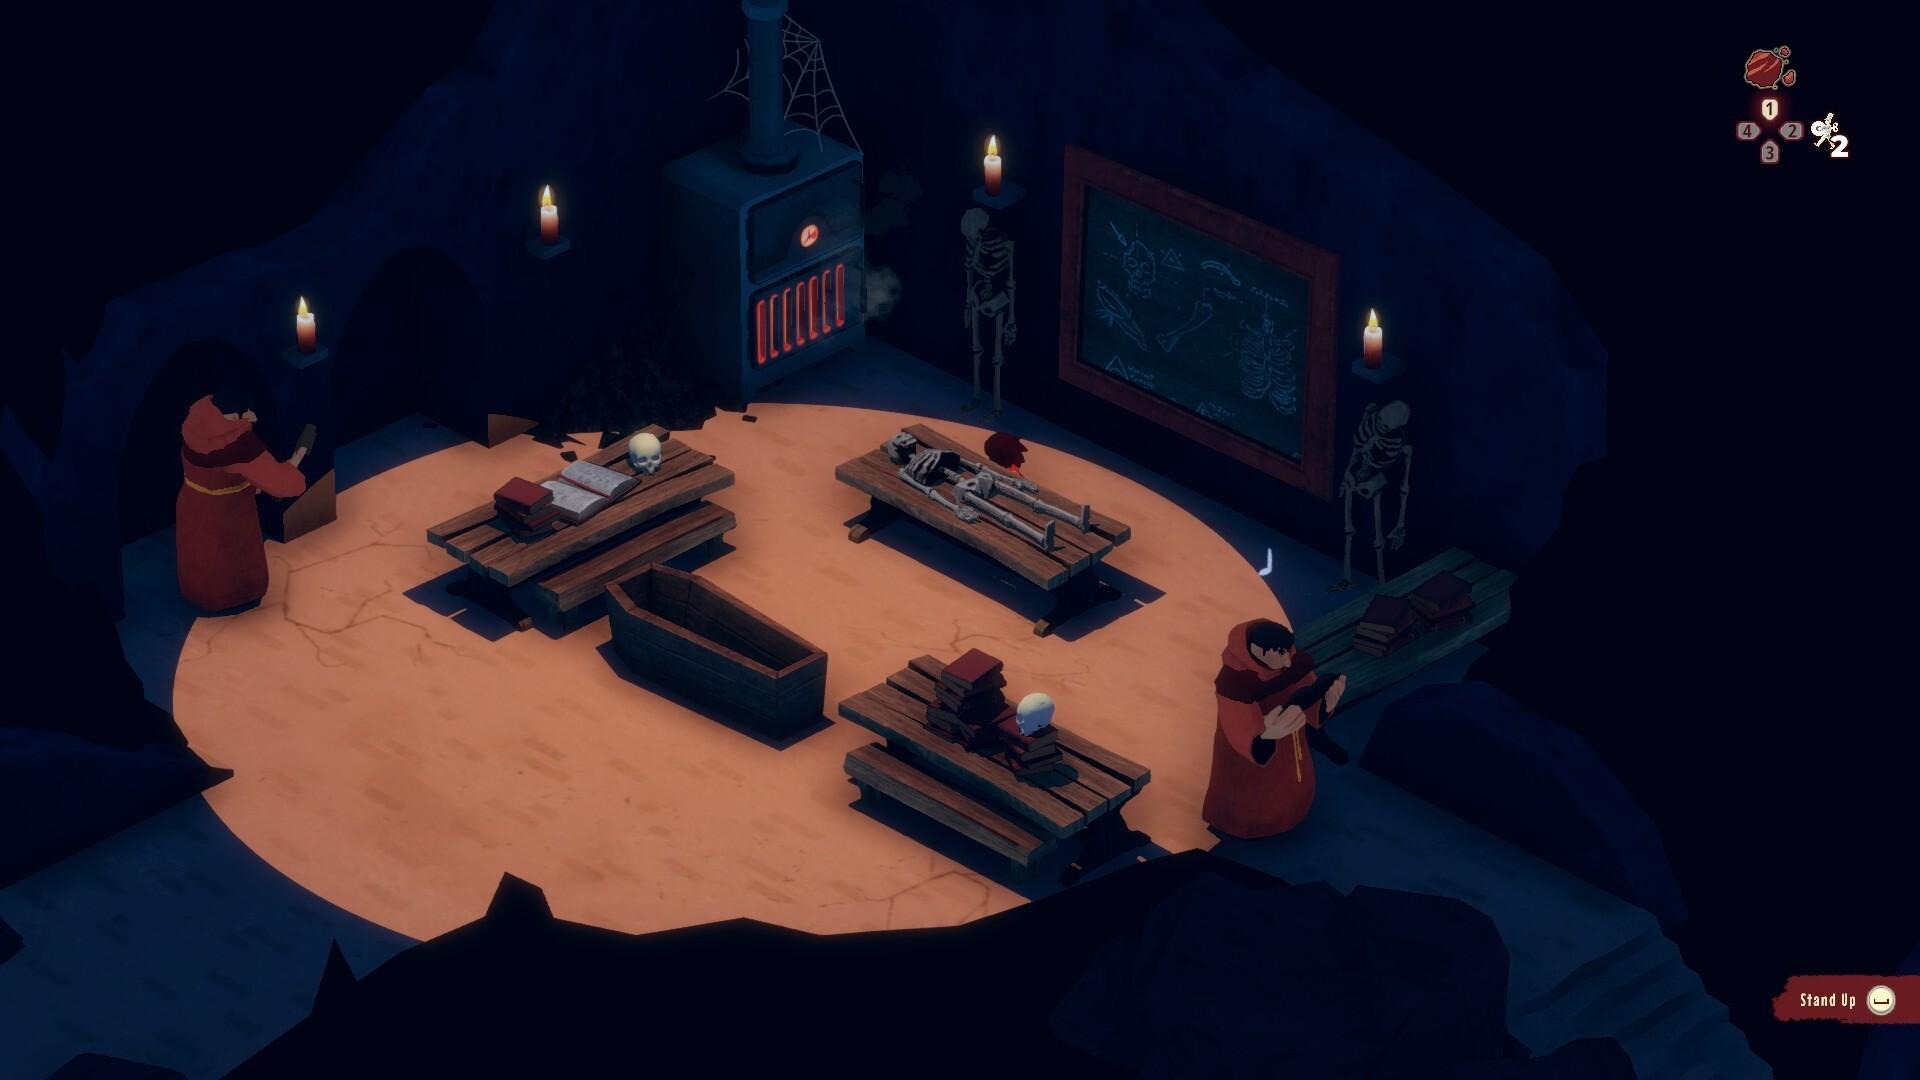 El Hijo - A Wild West Tale game screenshot - spooky monks